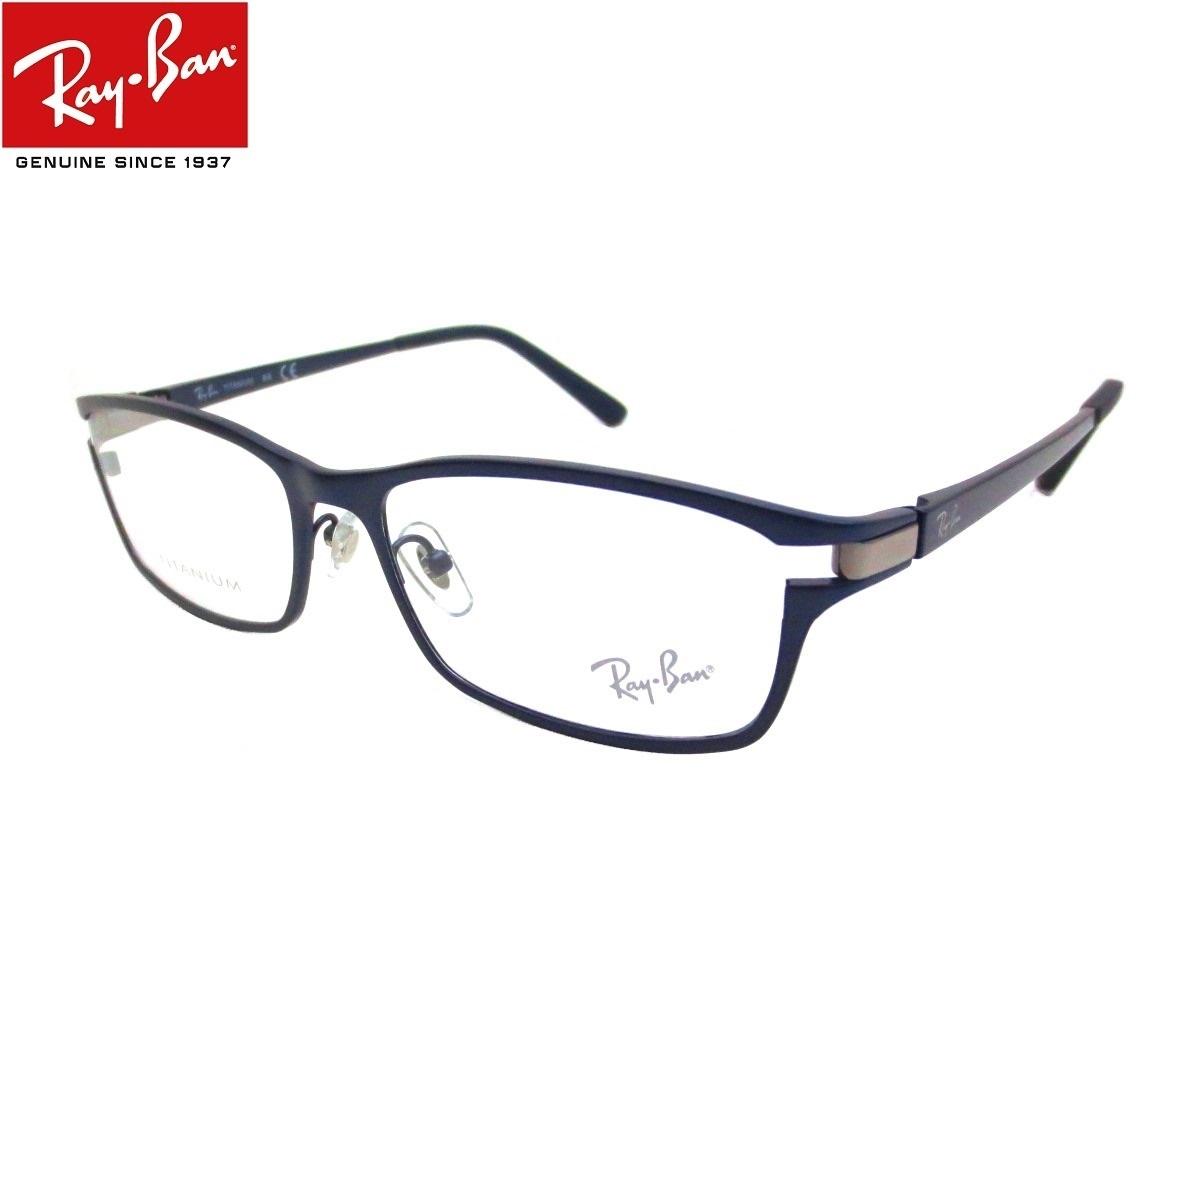 眼精疲労予防ネッツペックコートレンズ レイバン メガネ bui Ray-Ban チタン RX8727D 1061(54)伊達メガネ PCメガネ 眼精疲労予防レンズ(ビュイ bui)セット(伊達眼鏡用)